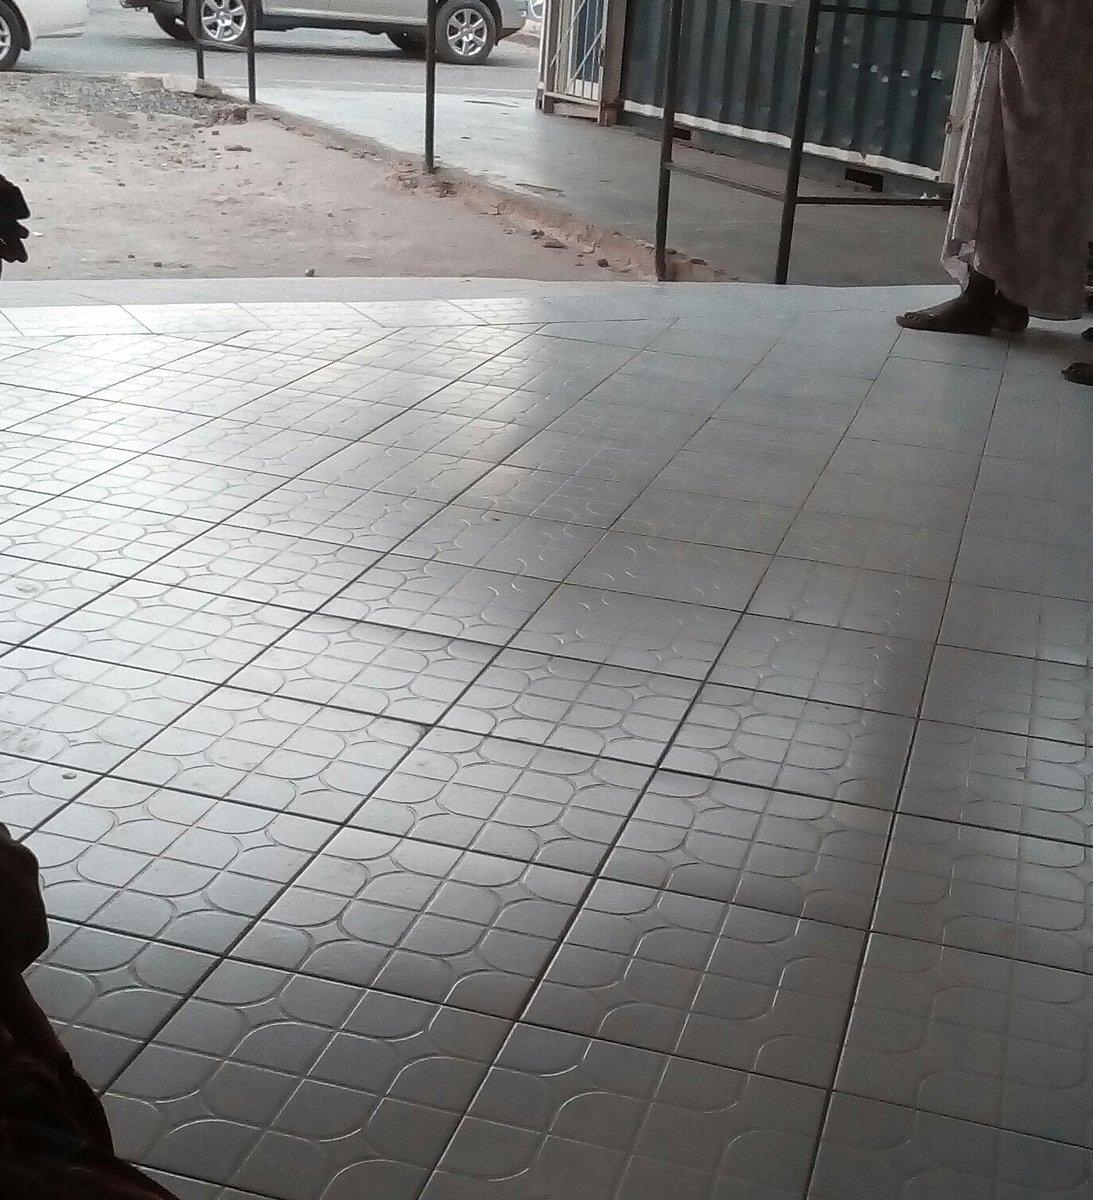 Fred Kwezi KweziFred Twitter - Fred's floor tile